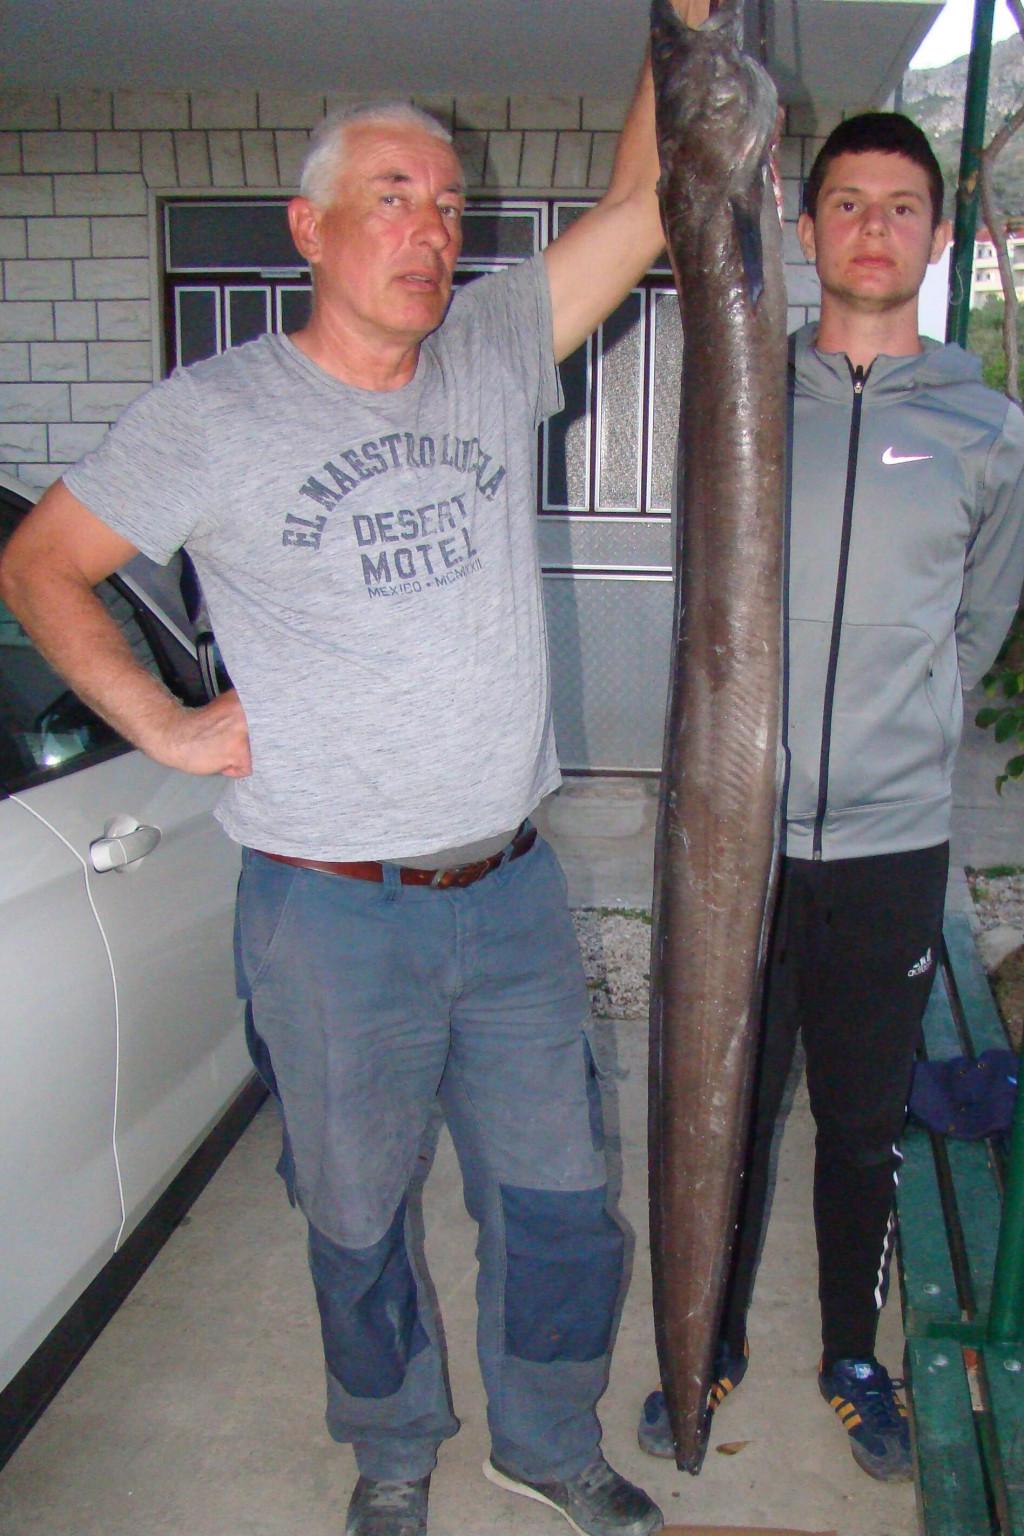 Ugor je bio dugačak 184 cm i nakon ispuštanja krvi težak 37,6 kg